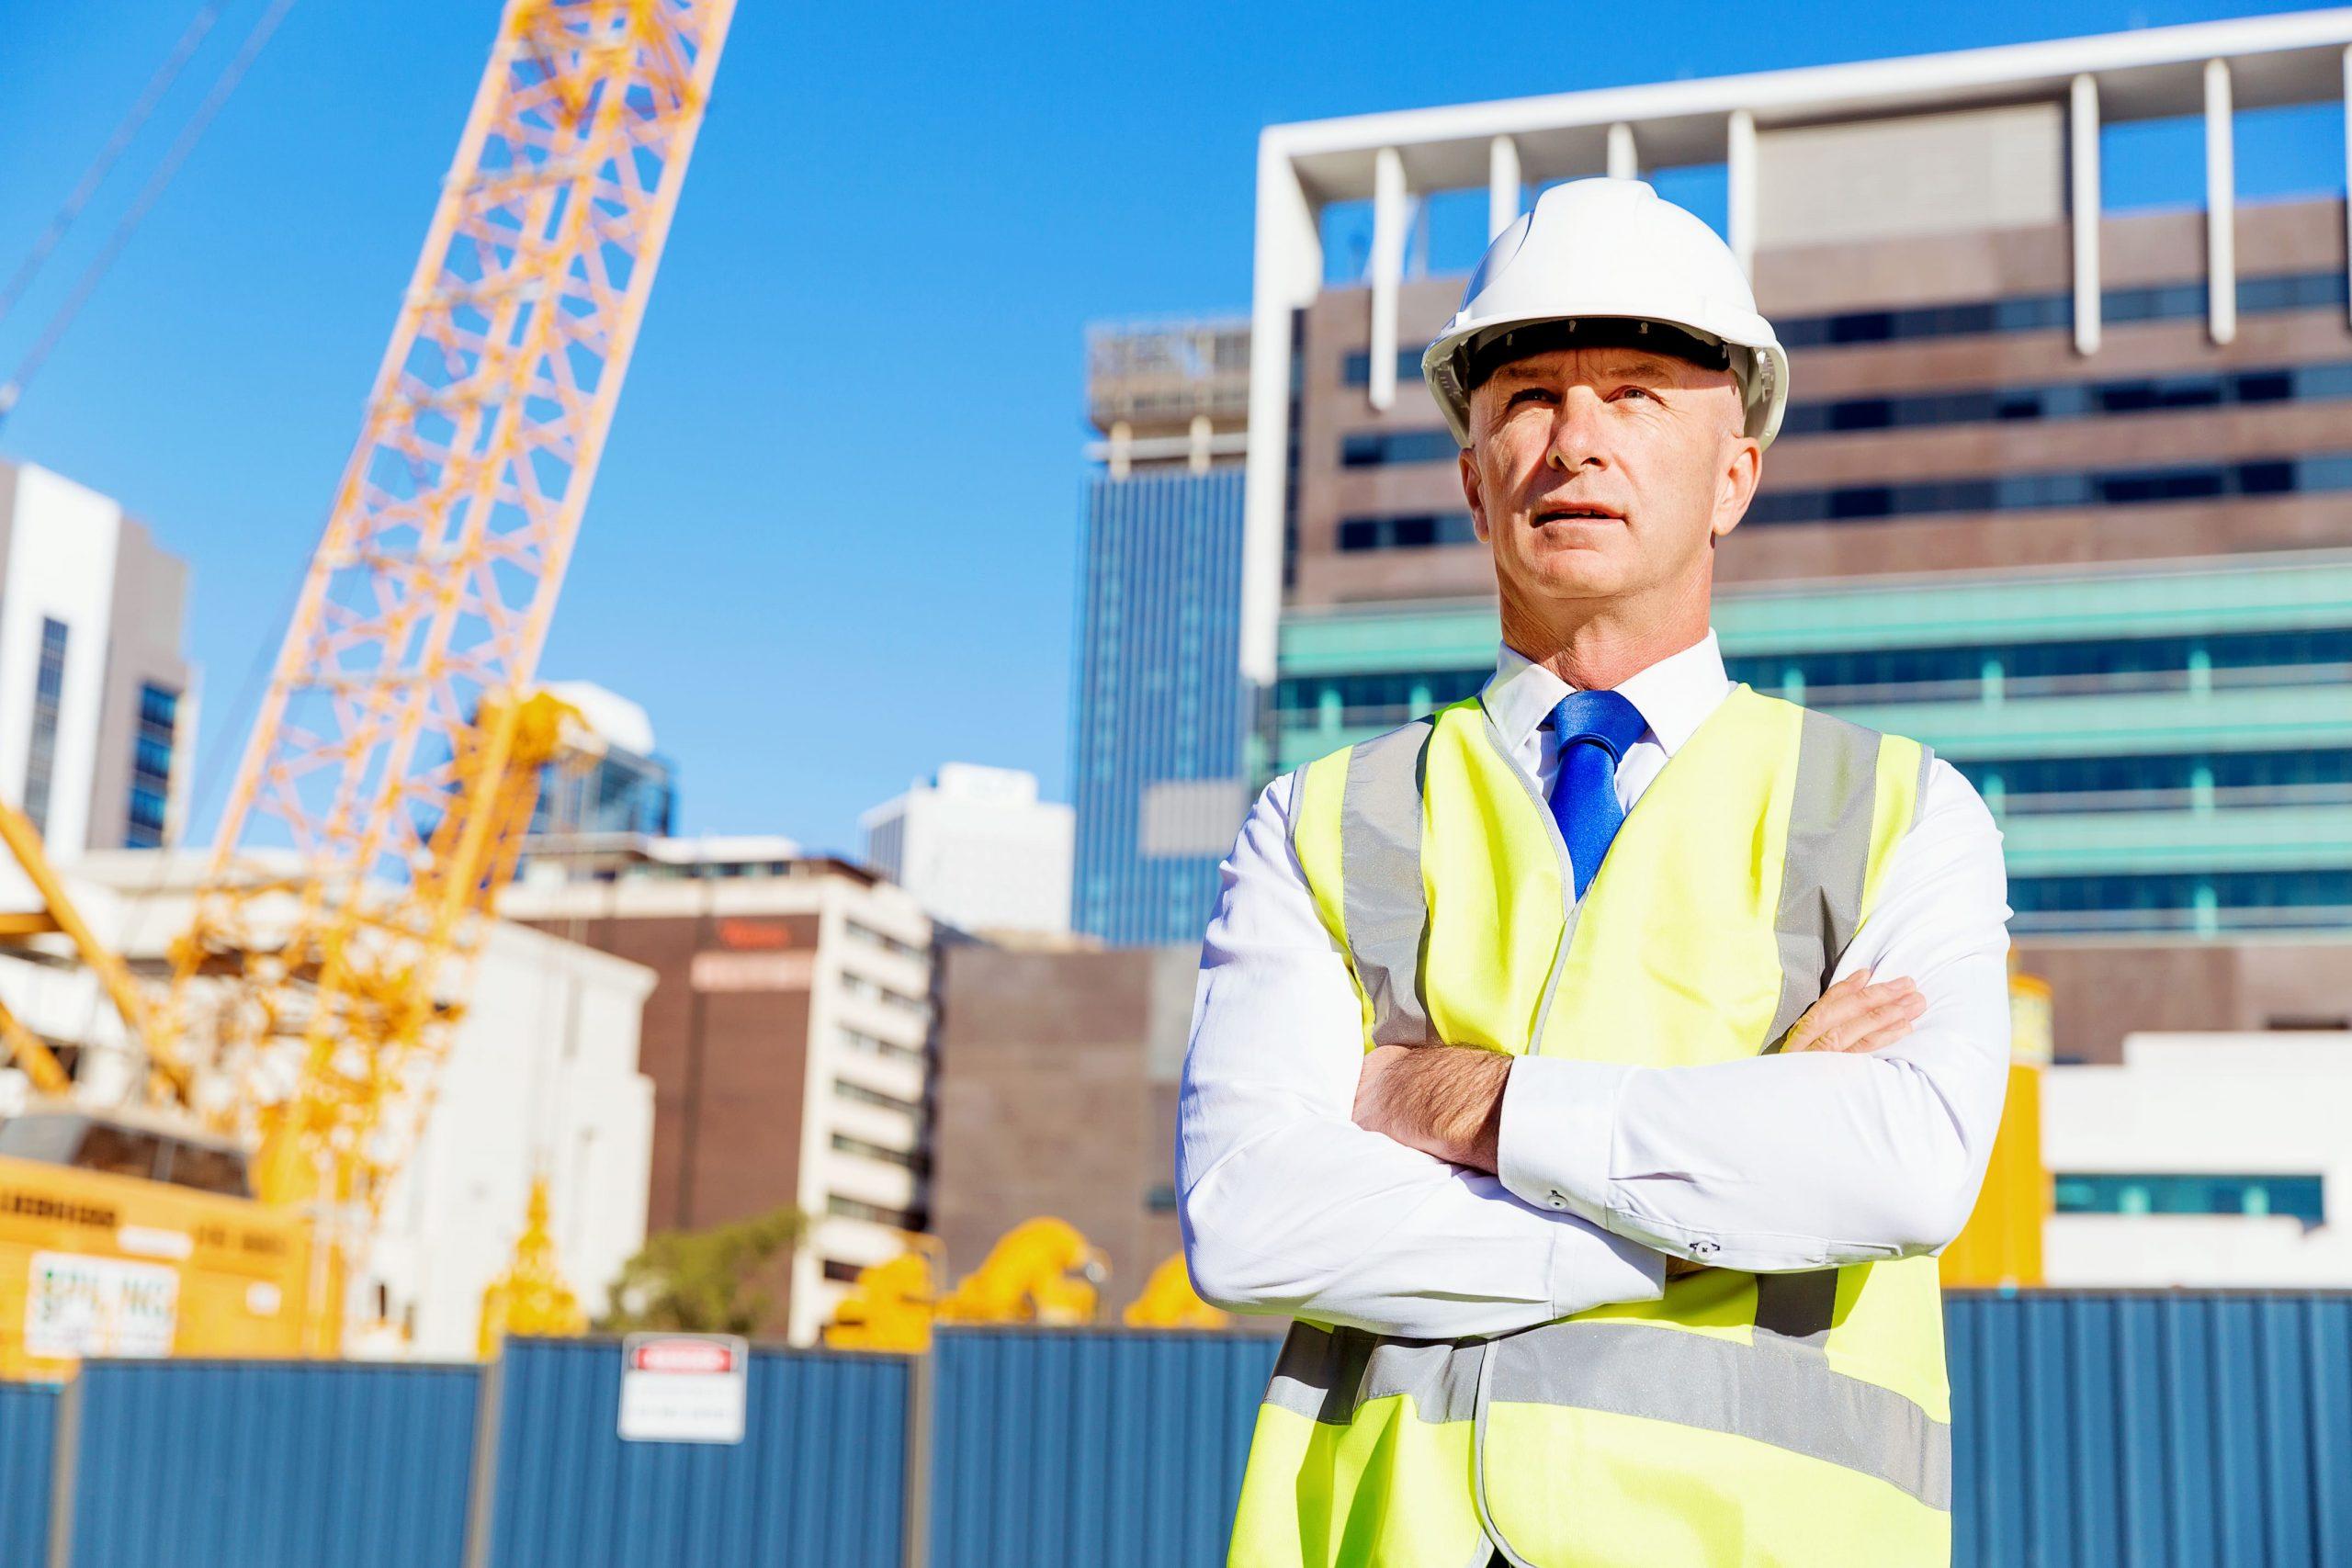 Geçici veya belirli süreli işlerde işverenin iş sağlığı ve güvenliği ile ilgili yükümlülükleri nelerdir-min